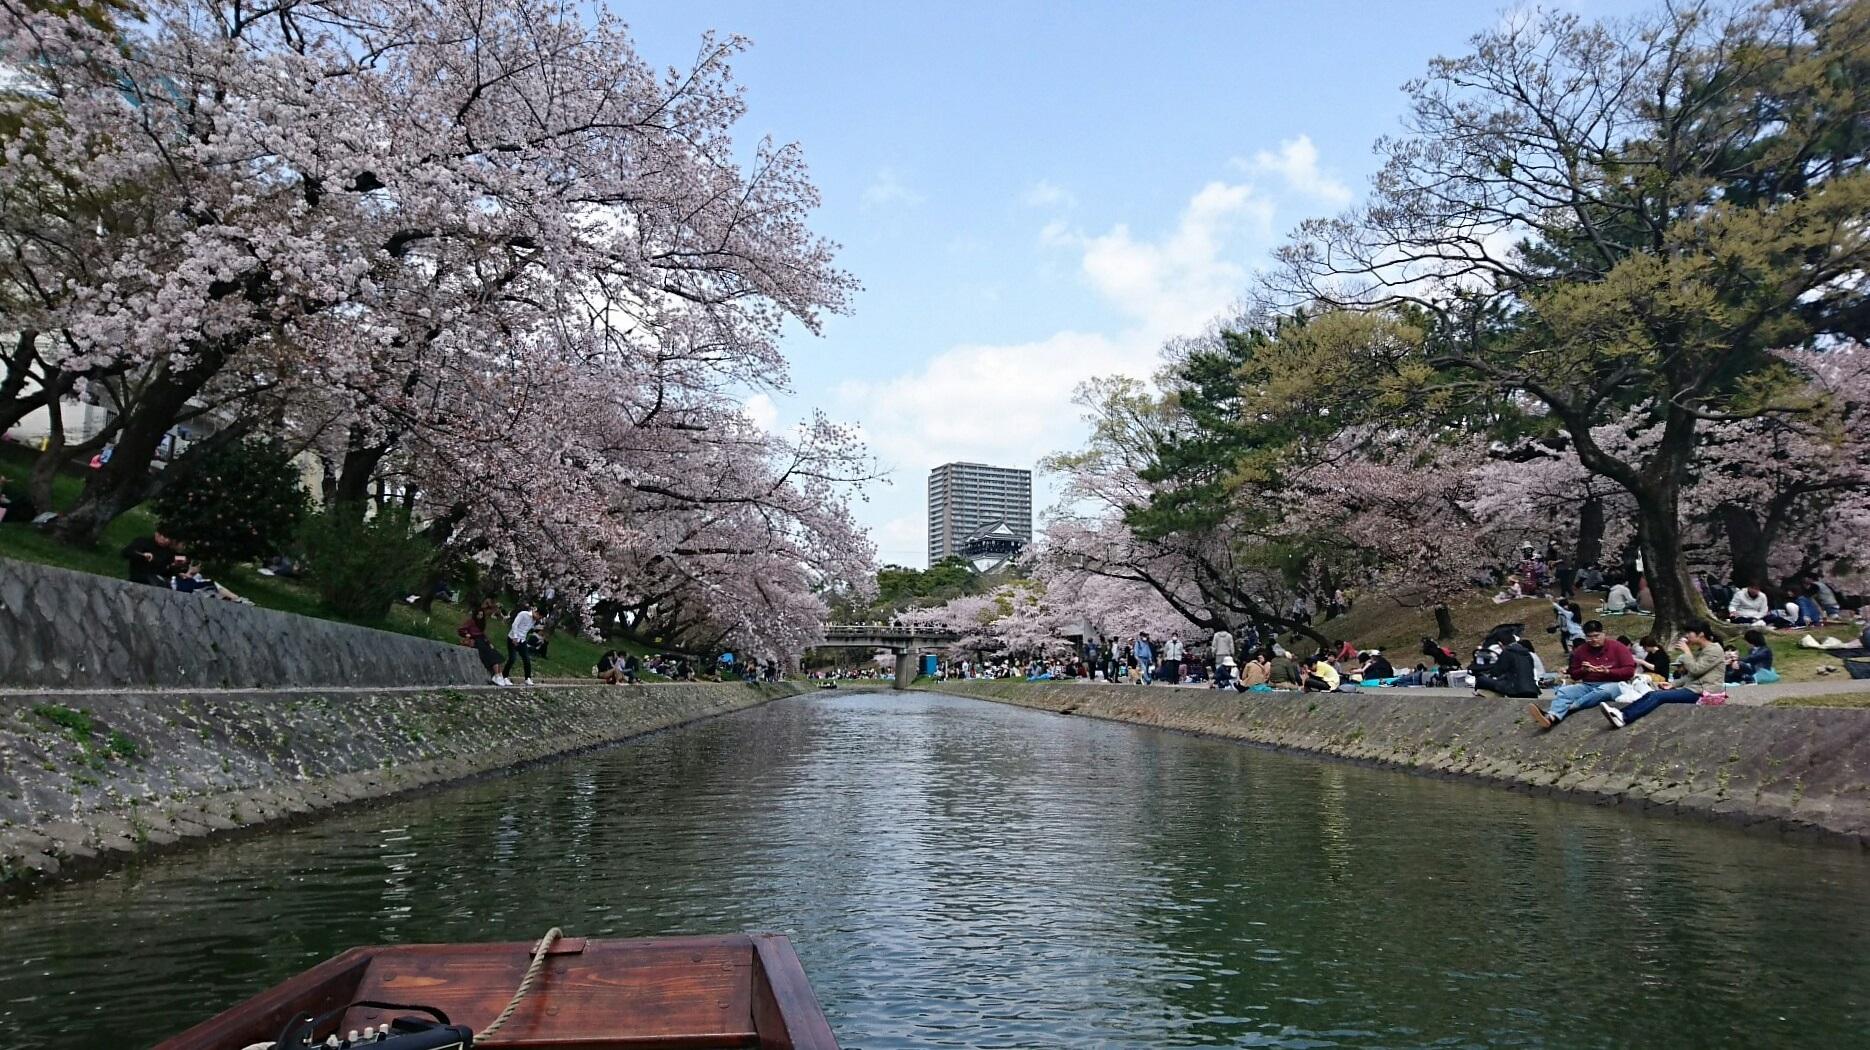 2018.3.31 岡崎ふなあそび (34) 伊賀川のぼり 1870-1050